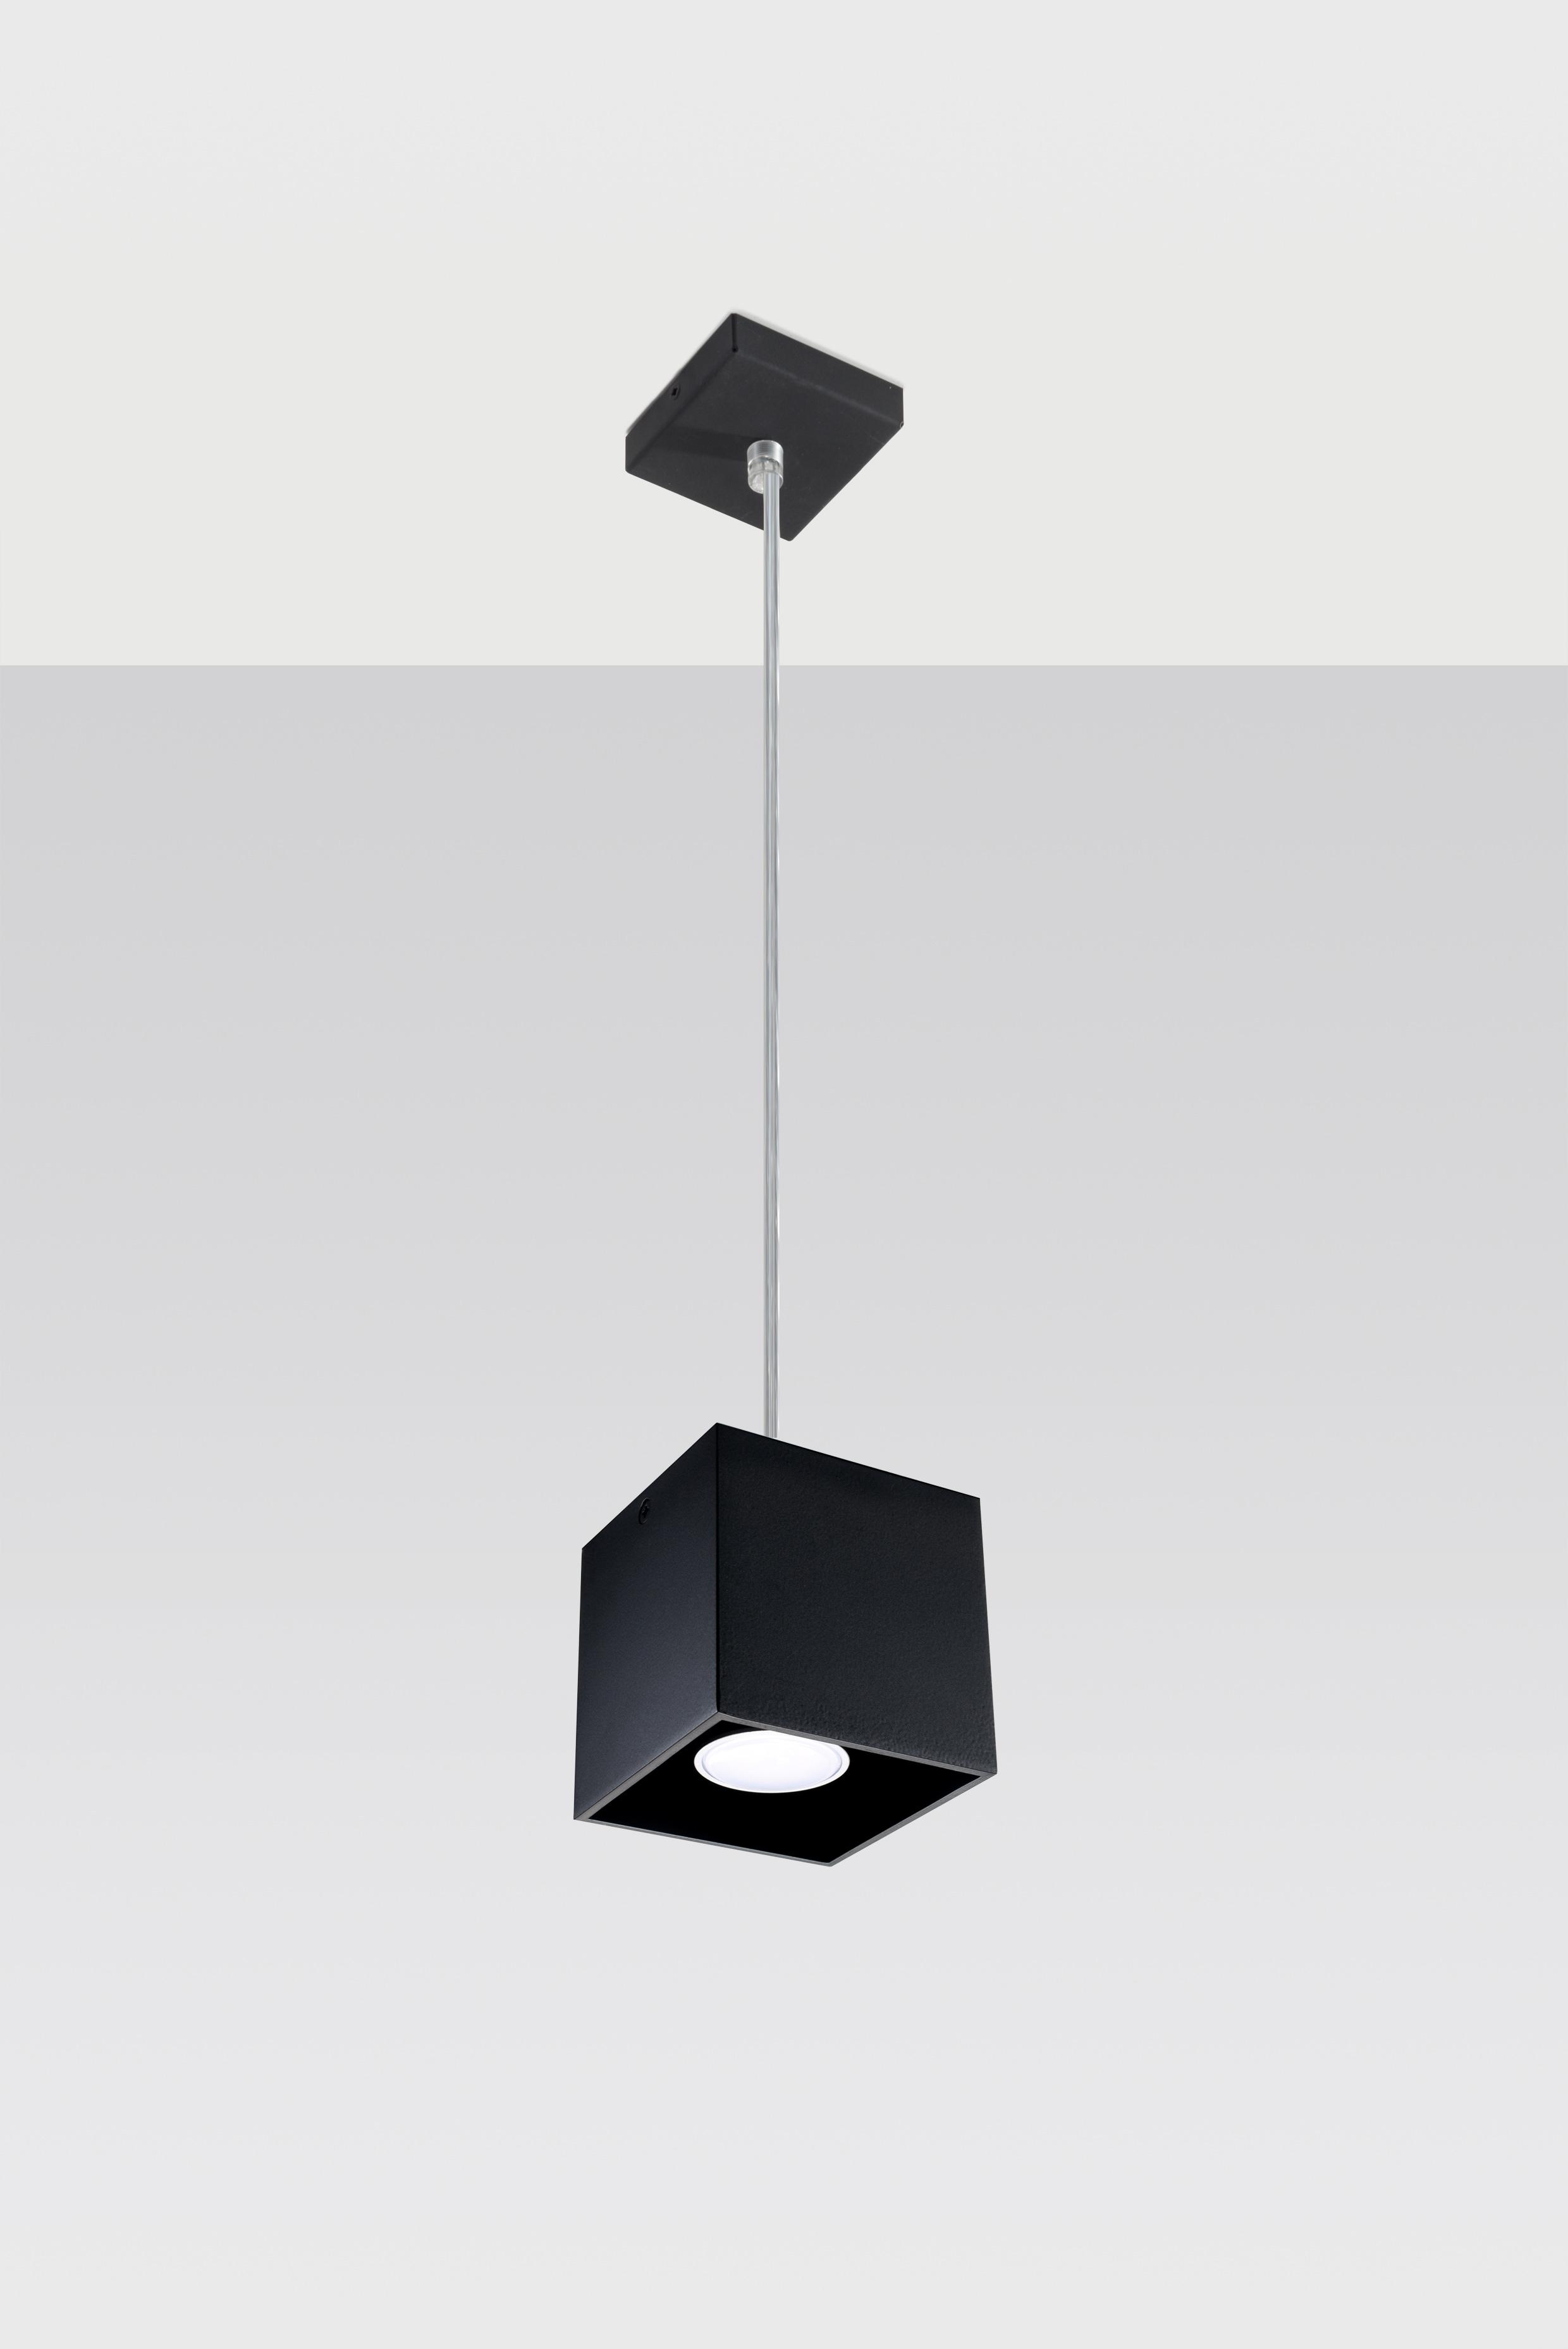 SOLLUX lighting Pendelleuchte QUAD, GU10, 1 St., Hängeleuchte, Hängelampe